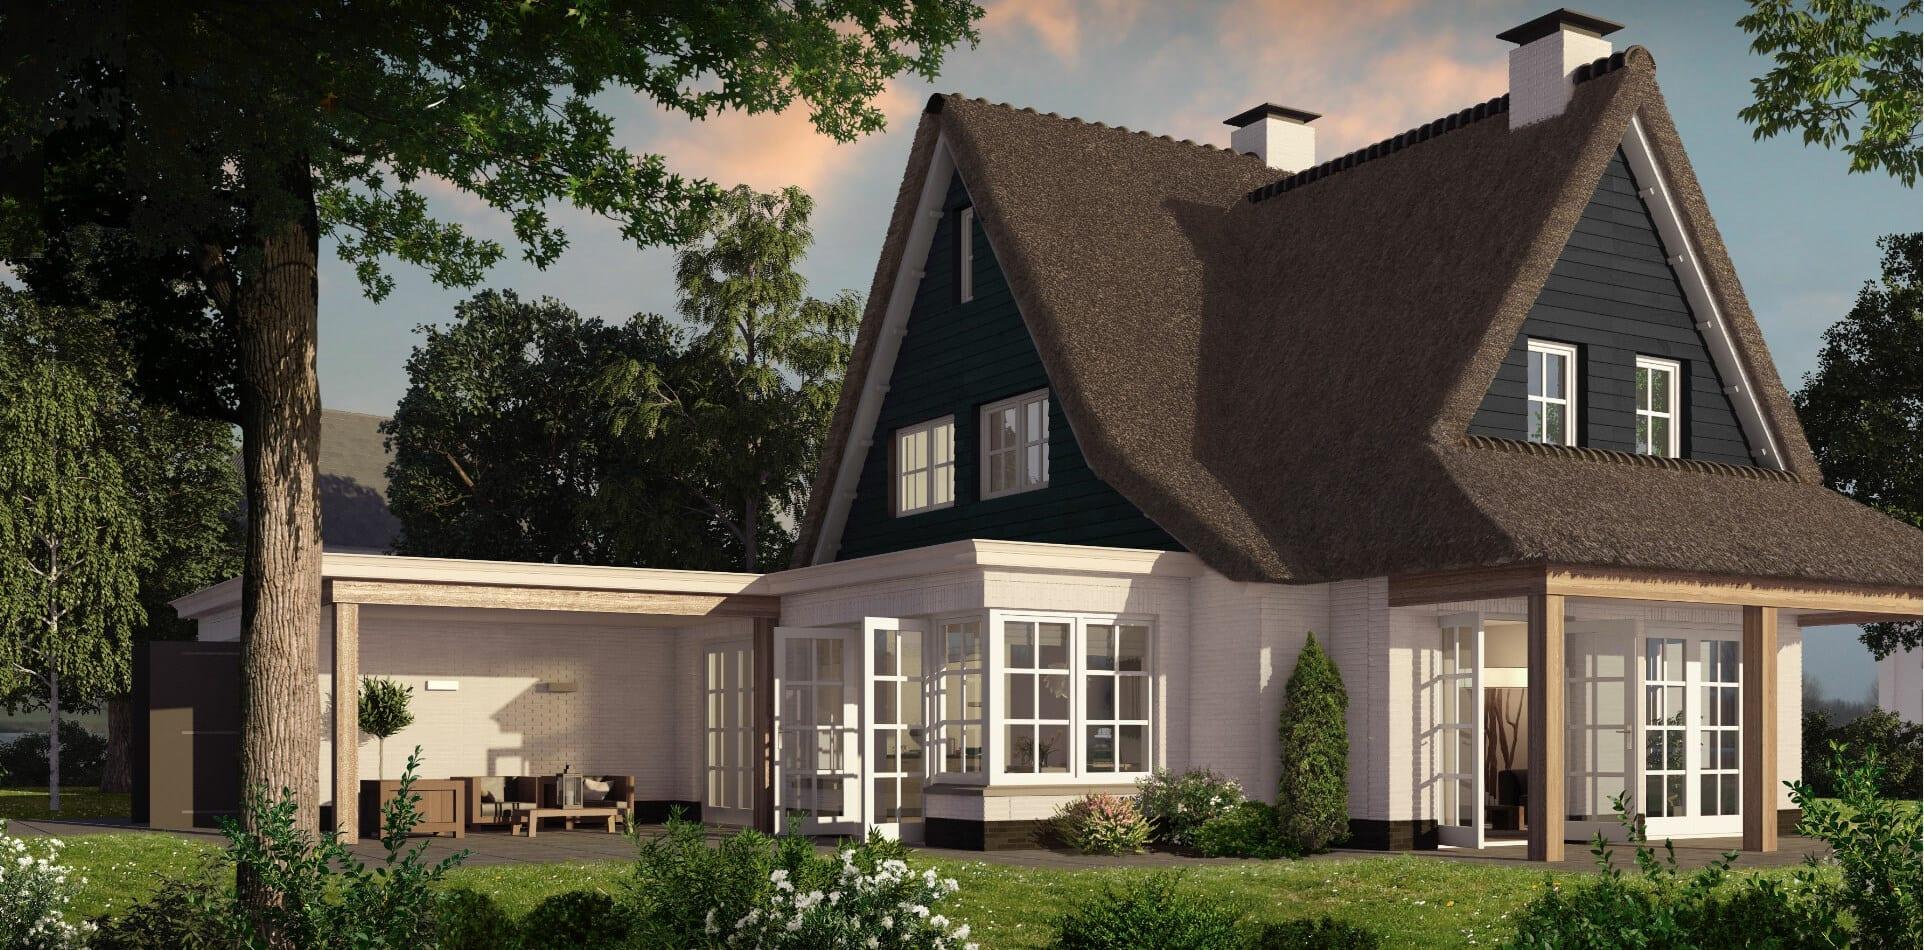 Luxe villa met rieten dak